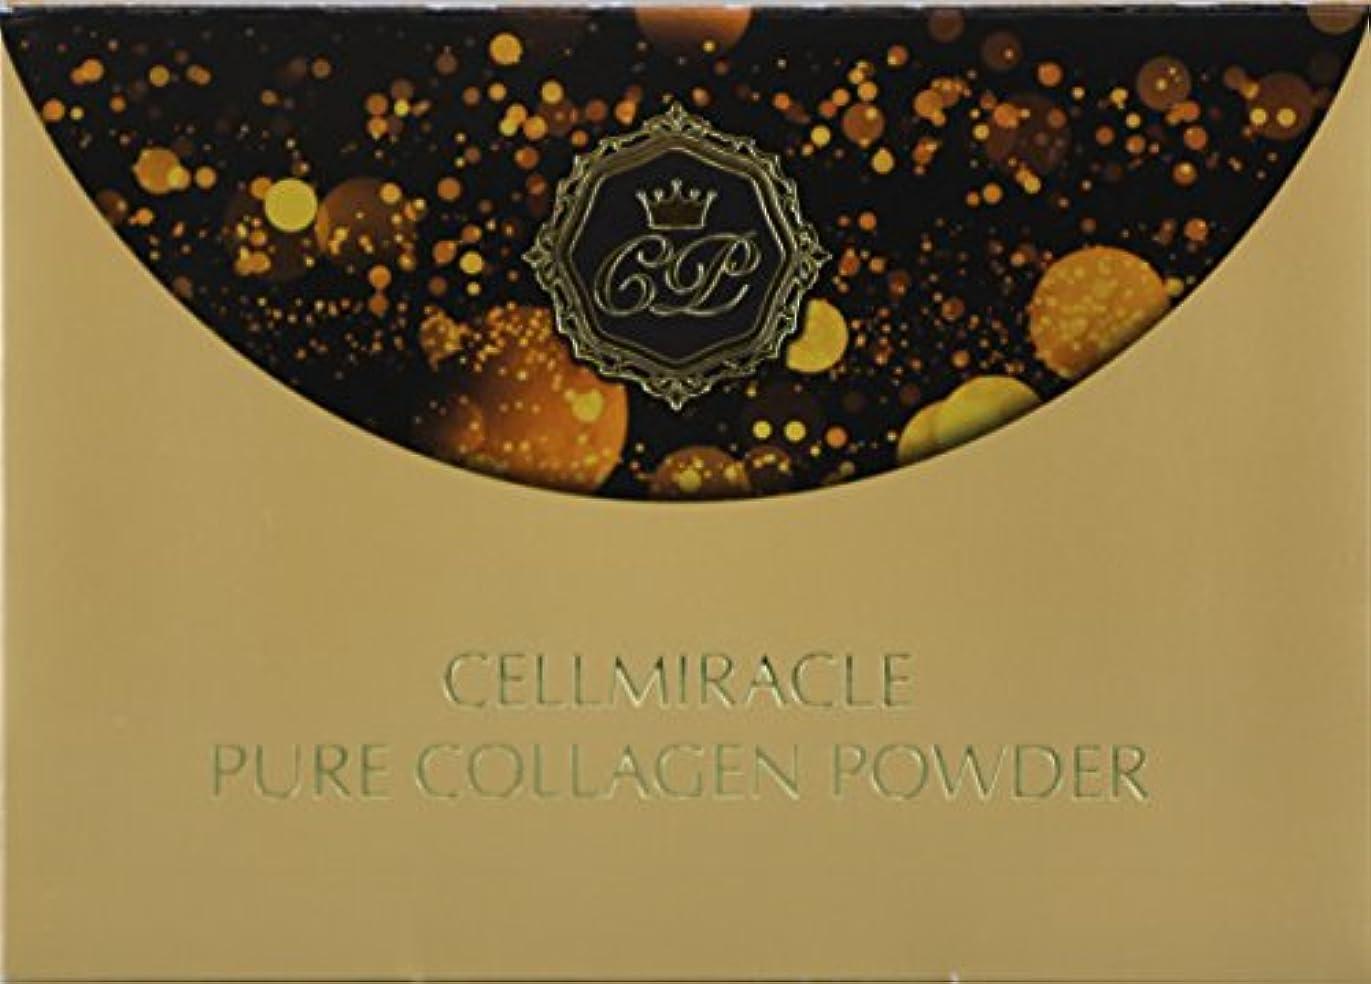 砂腐ったダニCELLMIRACLE 低分子フィッシュコラーゲンパウダー美容液 2g 約40日分